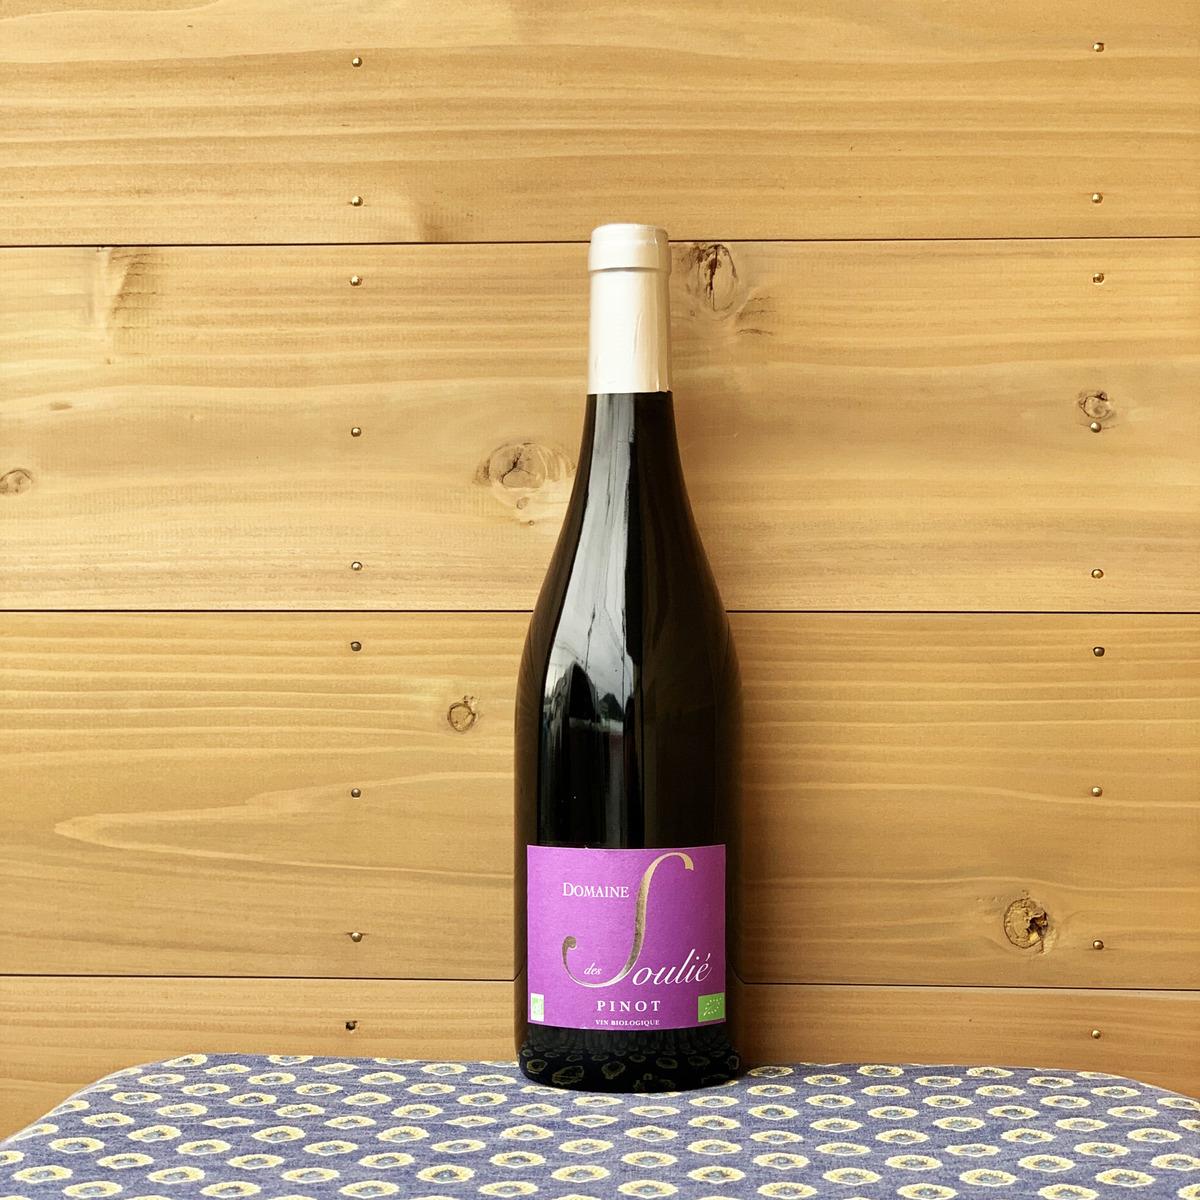 ピノ 正規激安 ノワールというより プラムのような印象の軽い口当たりの赤 未使用 幅広いお料理に合わせやすい1本です ラングドック地方 フランス 赤ワイン 自然派ワイン ノワール スーリエ '14 ドメーヌ